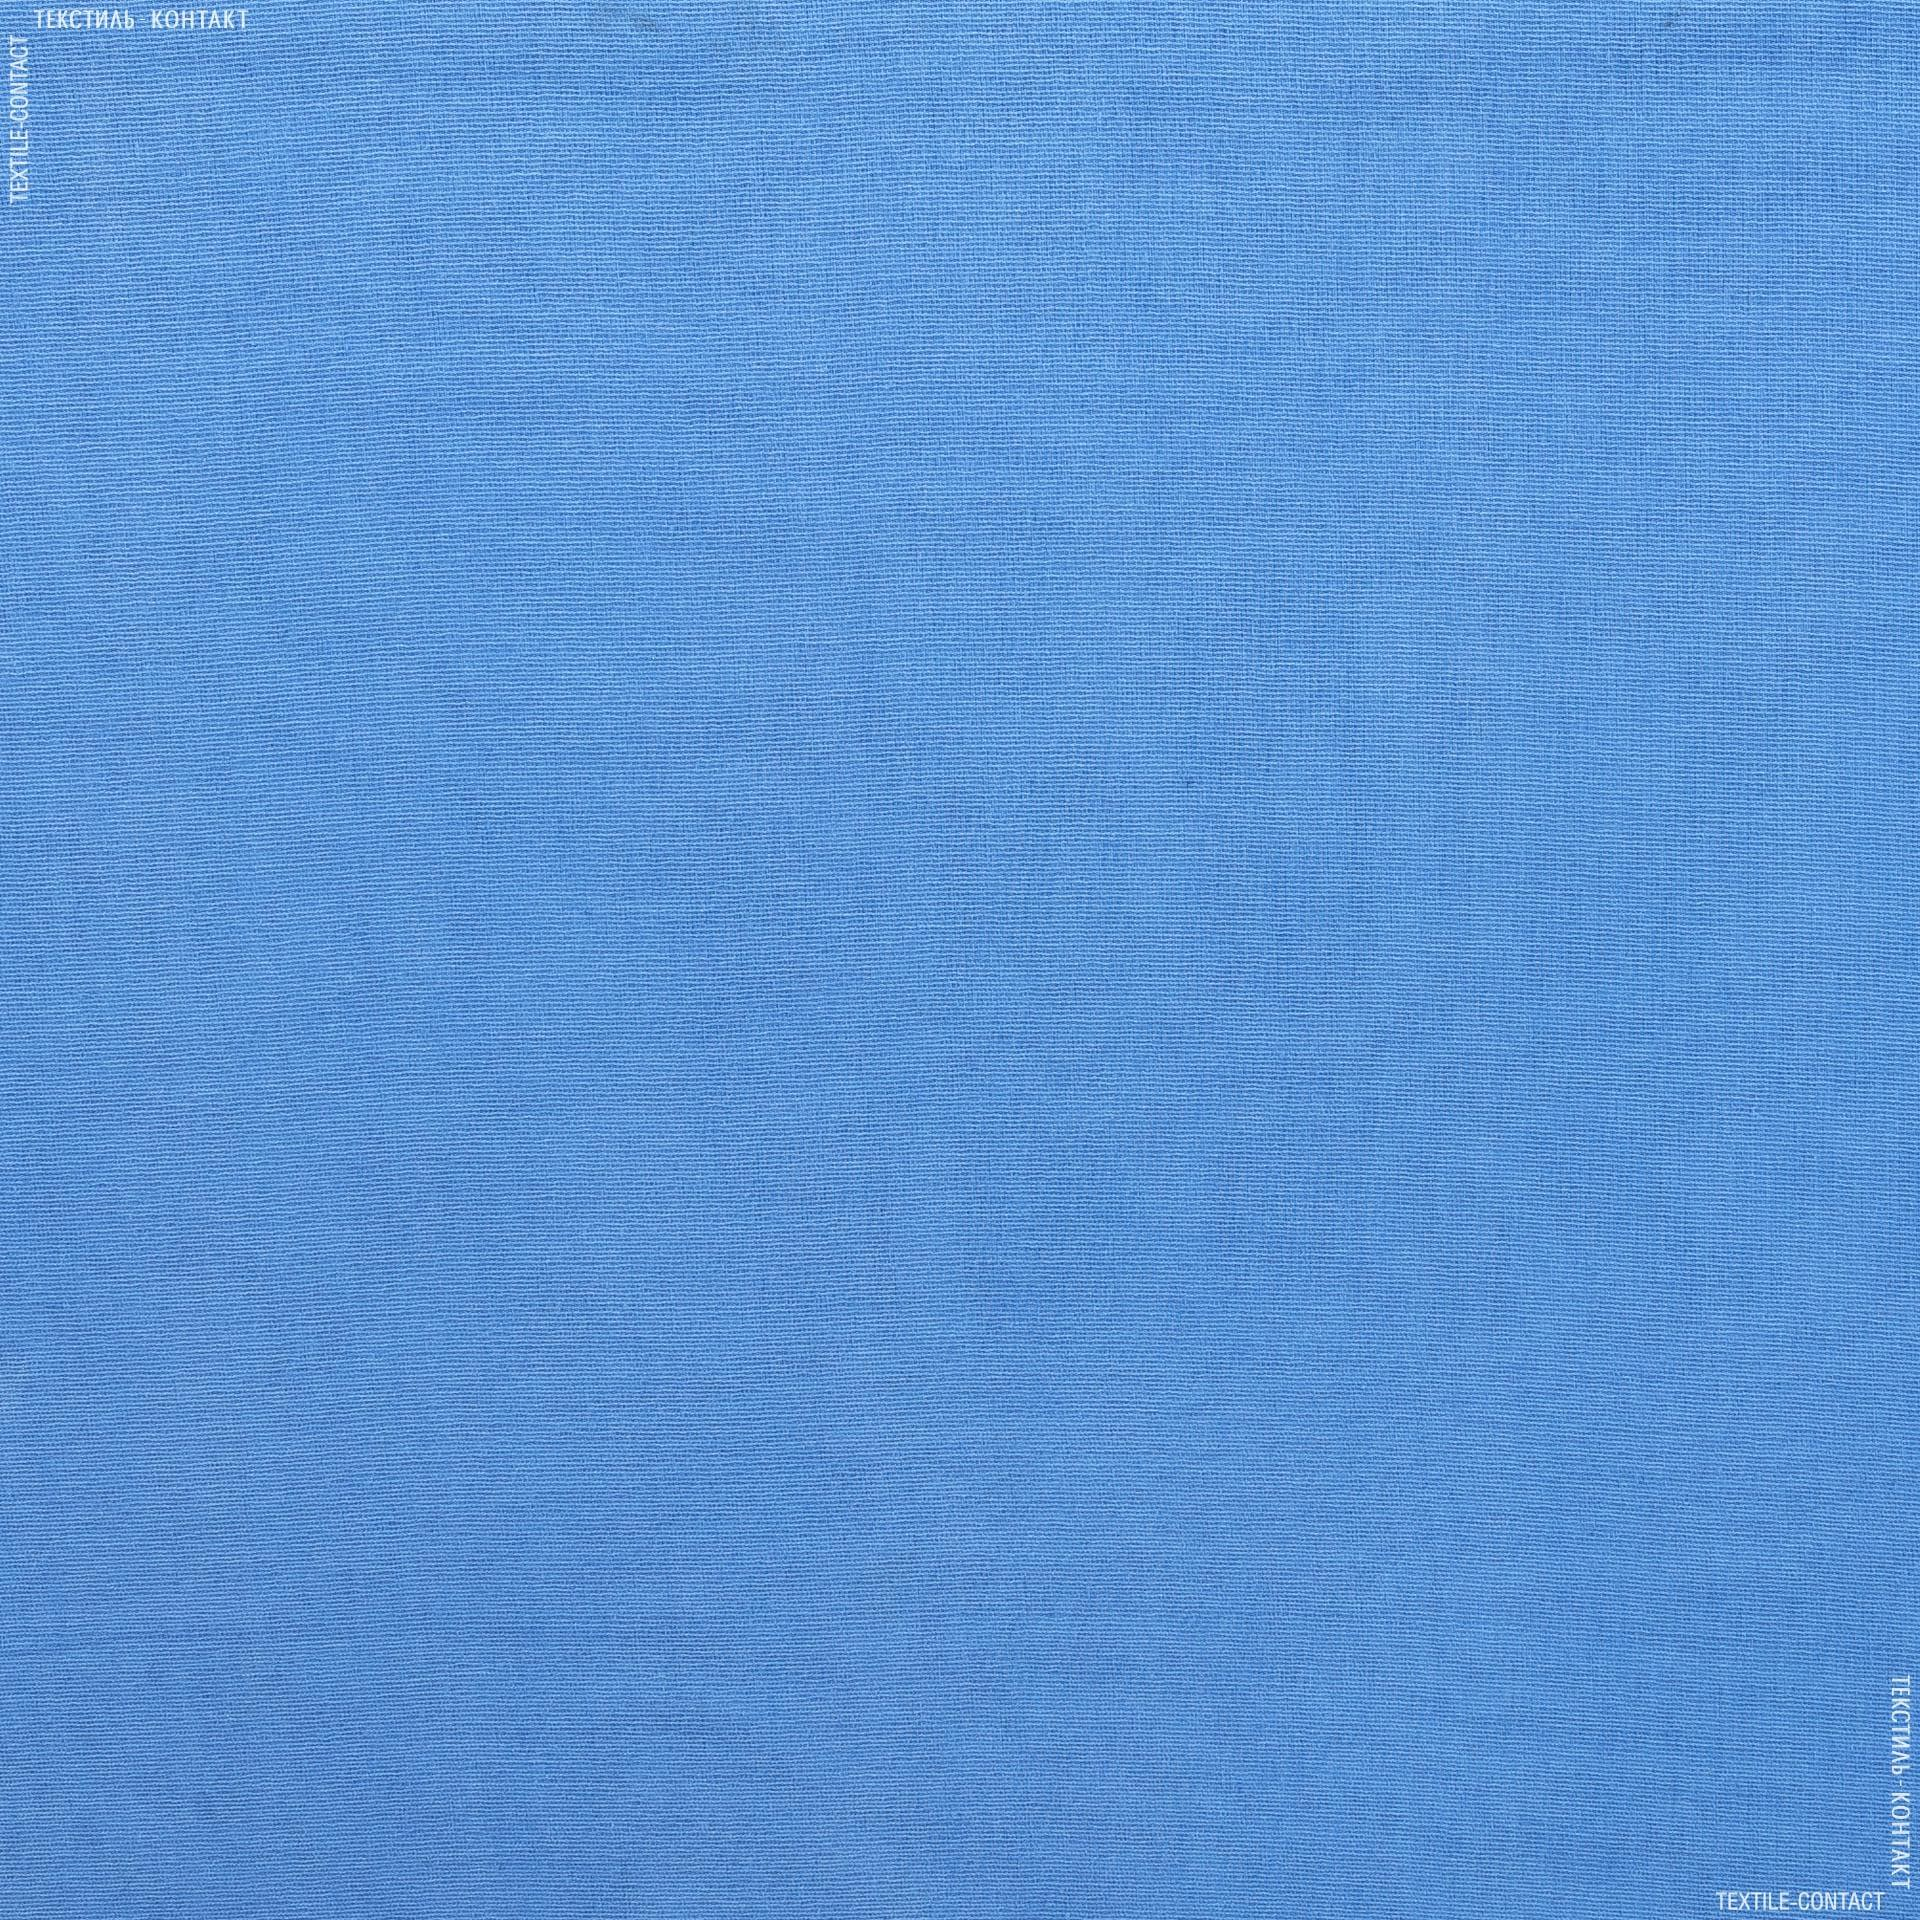 Тканини для дитячого одягу - Ситец блакитний